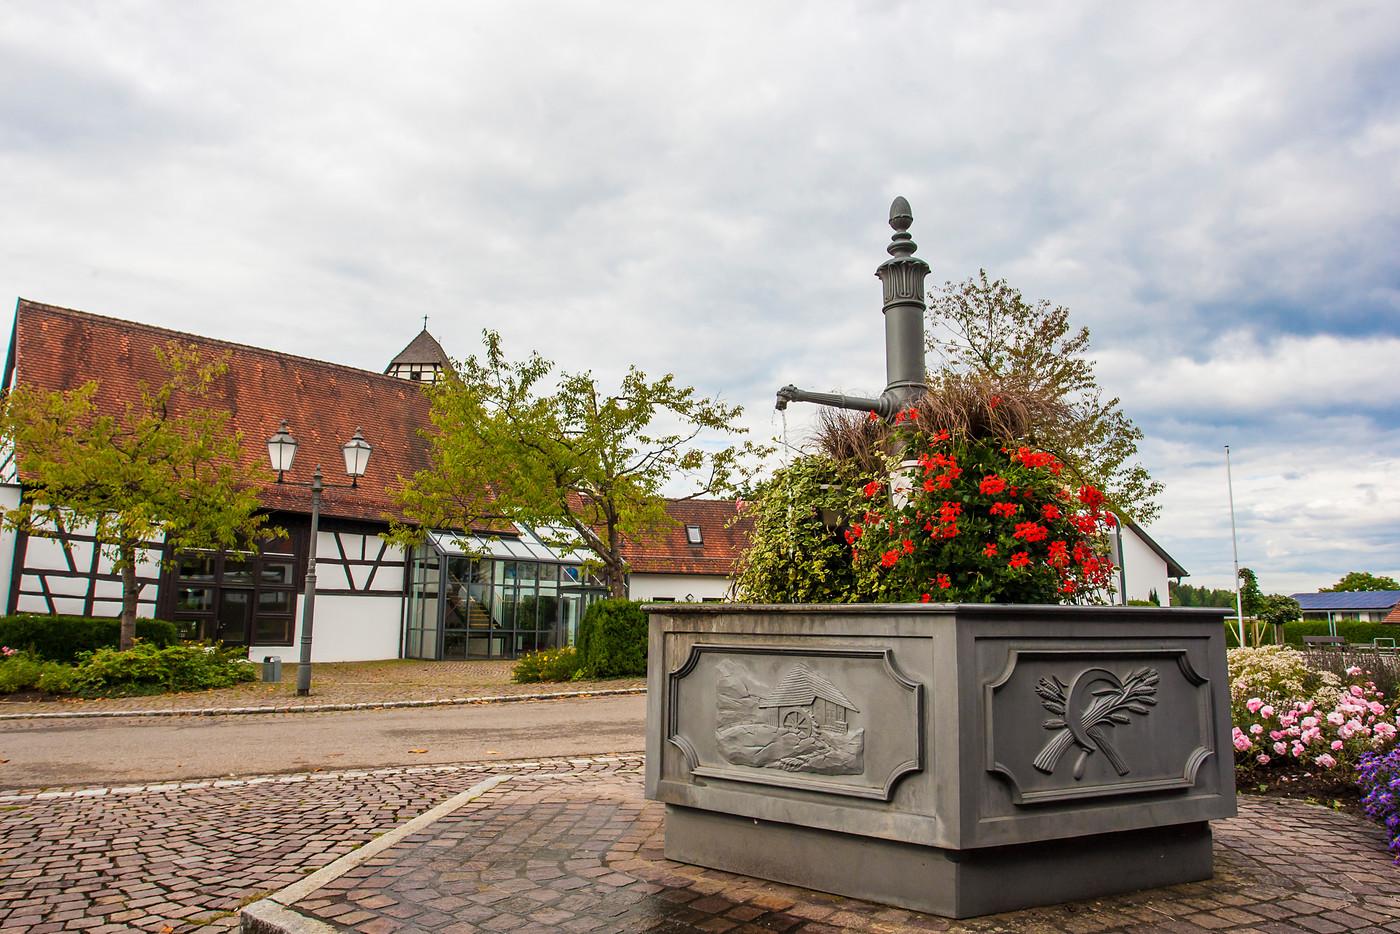 Bürgerhaus Dautmergen mit Brunnen im Vordergrund